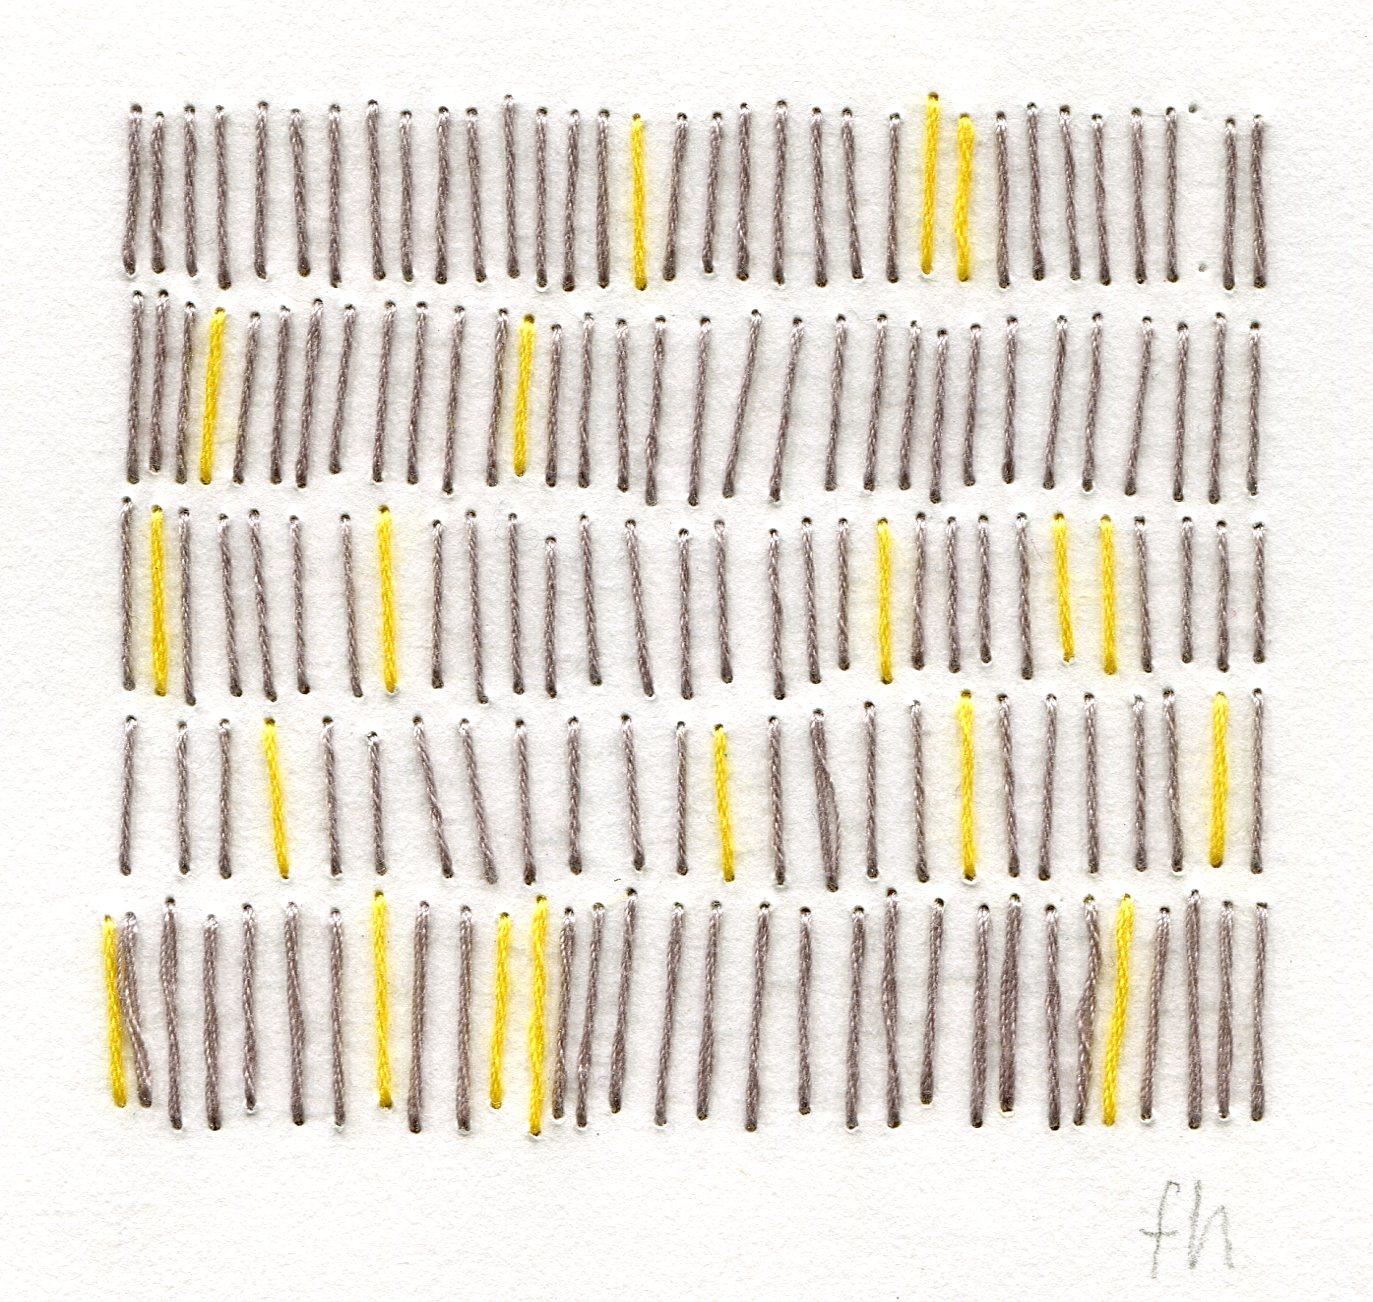 74a  Frances Harrison  Social  cohesion  cotton and paper